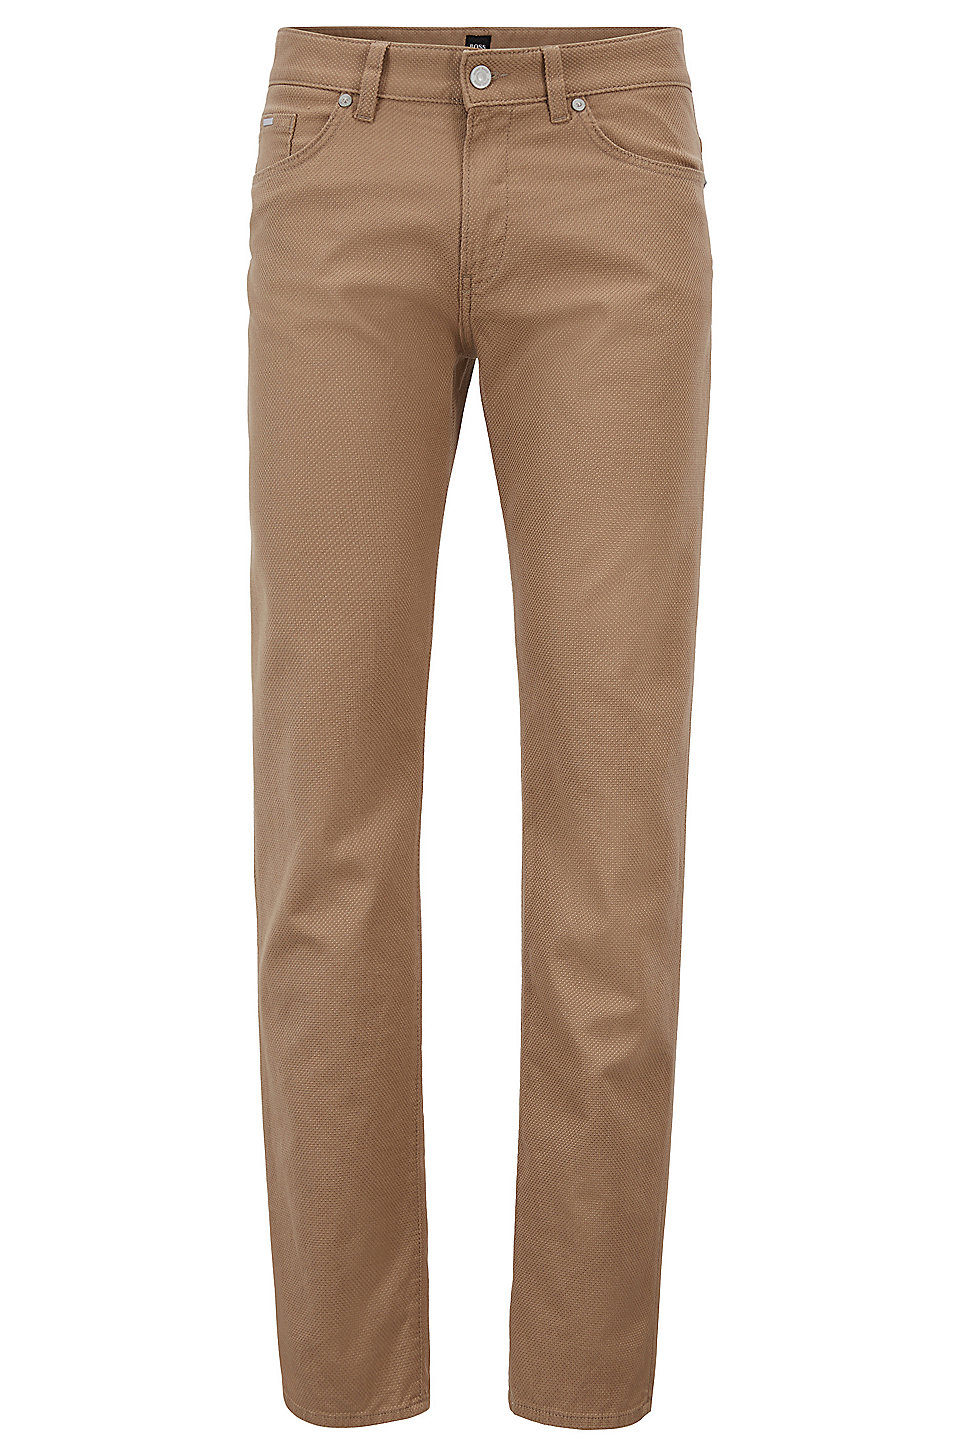 Bon Marché De Nouveaux Styles Acheter En Ligne Authentique HUGO BOSS Pantalon Tapered Fit en coton stretch 0ZUKWy